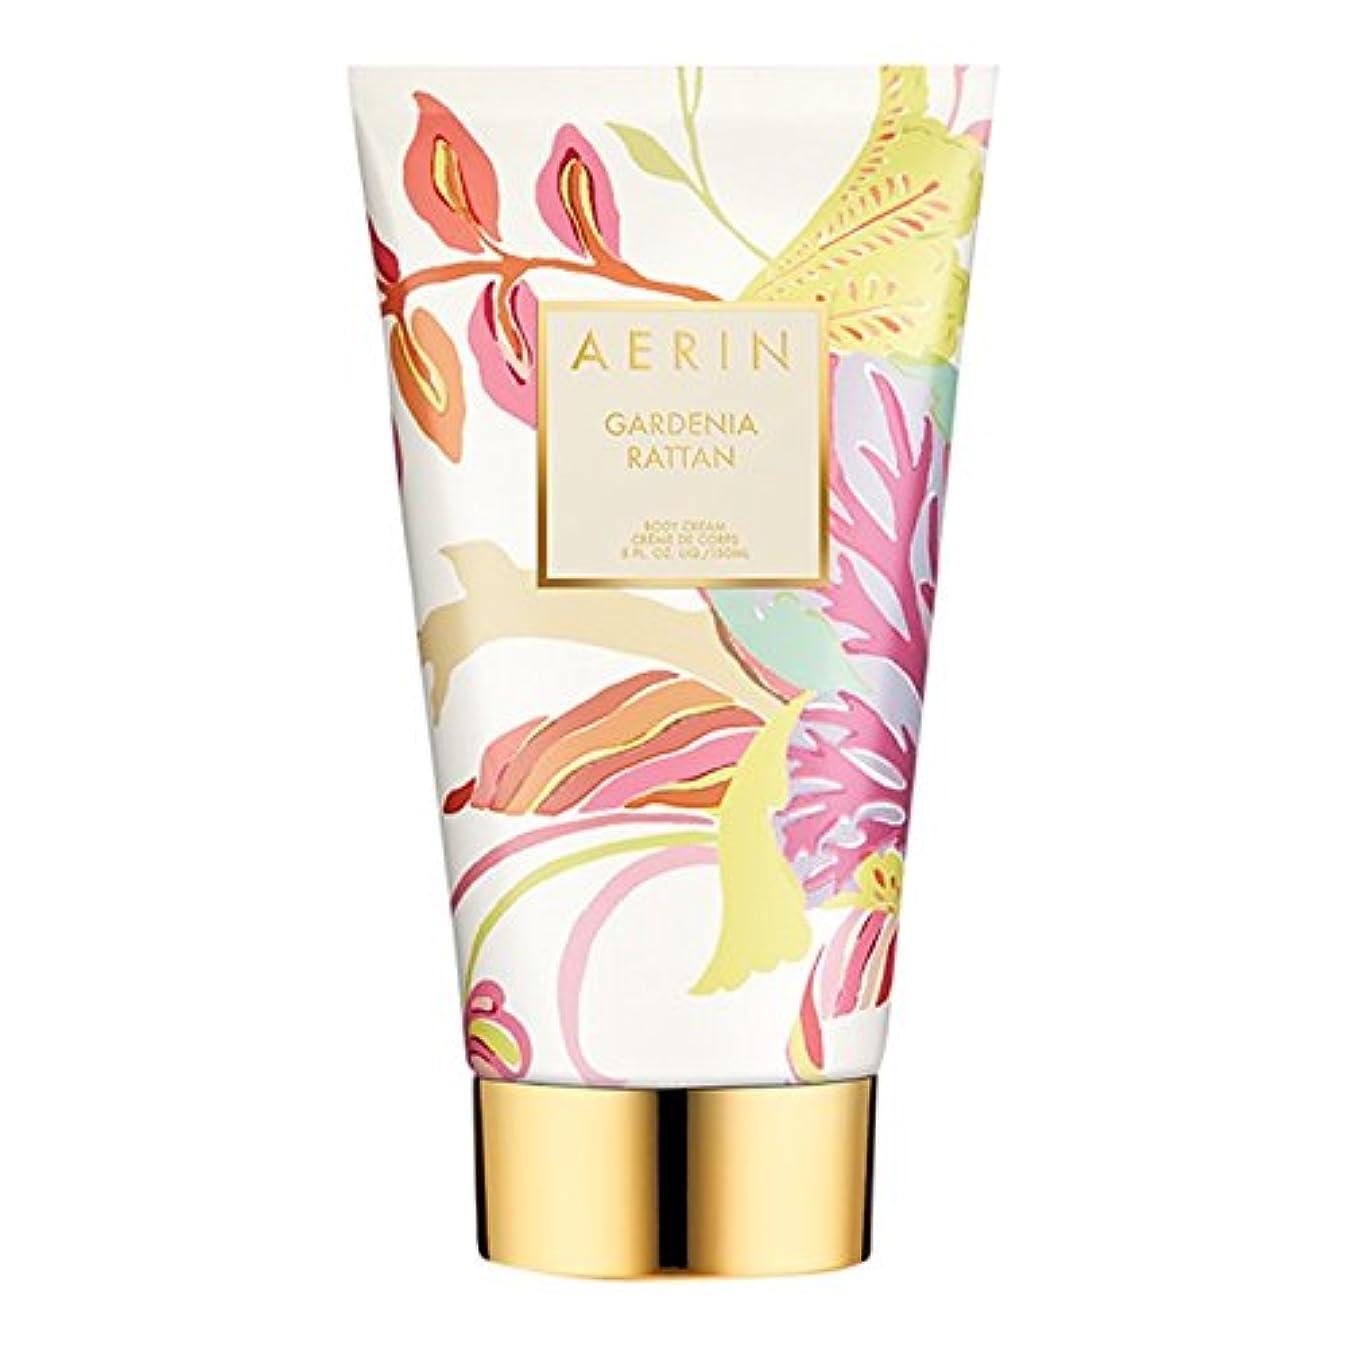 特性対話平方Aerinクチナシ籐ボディクリーム150ミリリットル (AERIN) (x6) - AERIN Gardenia Rattan Body Cream 150ml (Pack of 6) [並行輸入品]